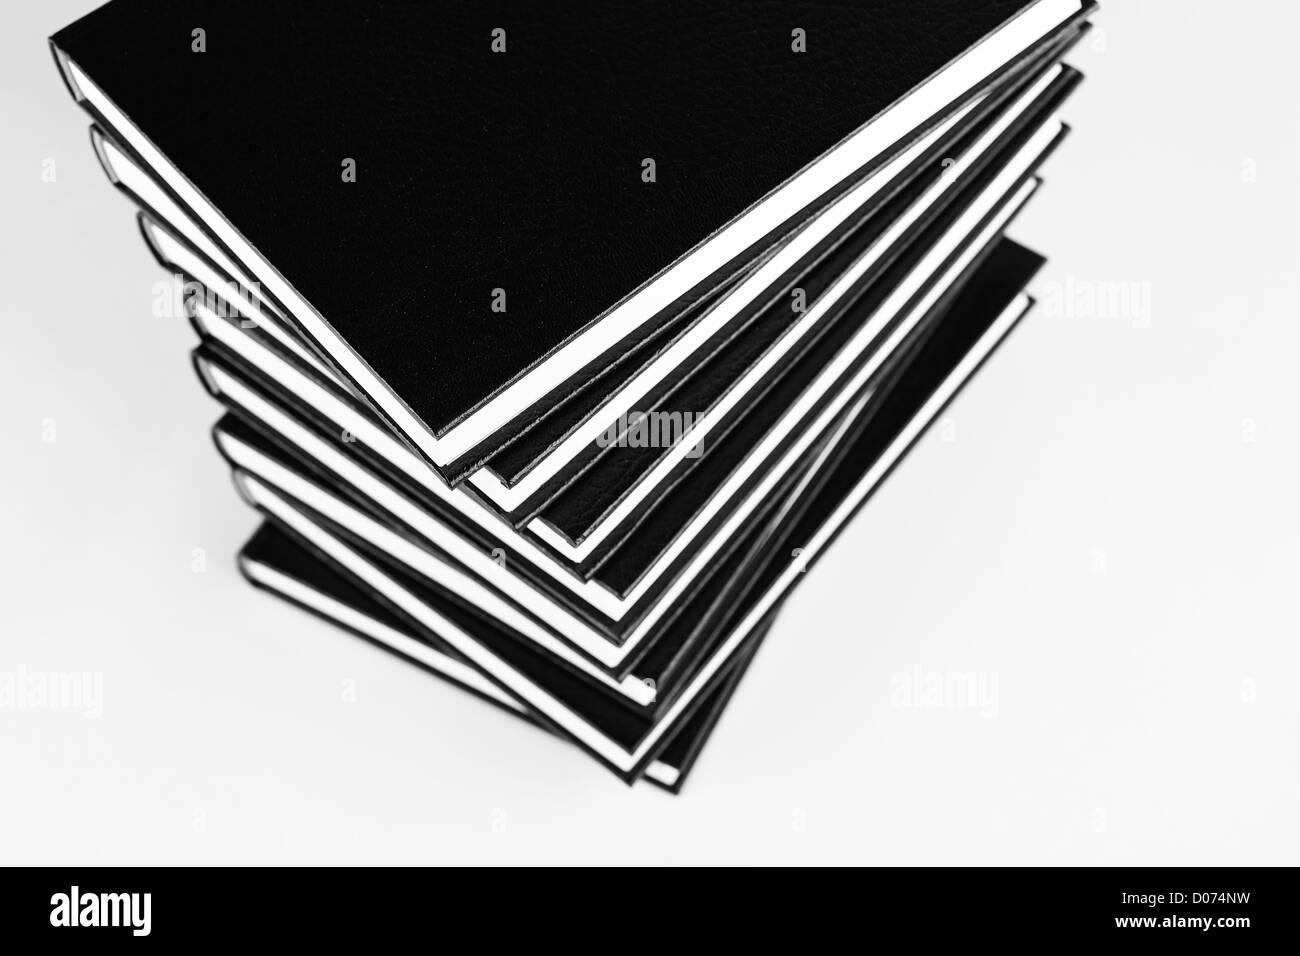 Molti libri in una pila foto in bianco e nero. Immagini Stock